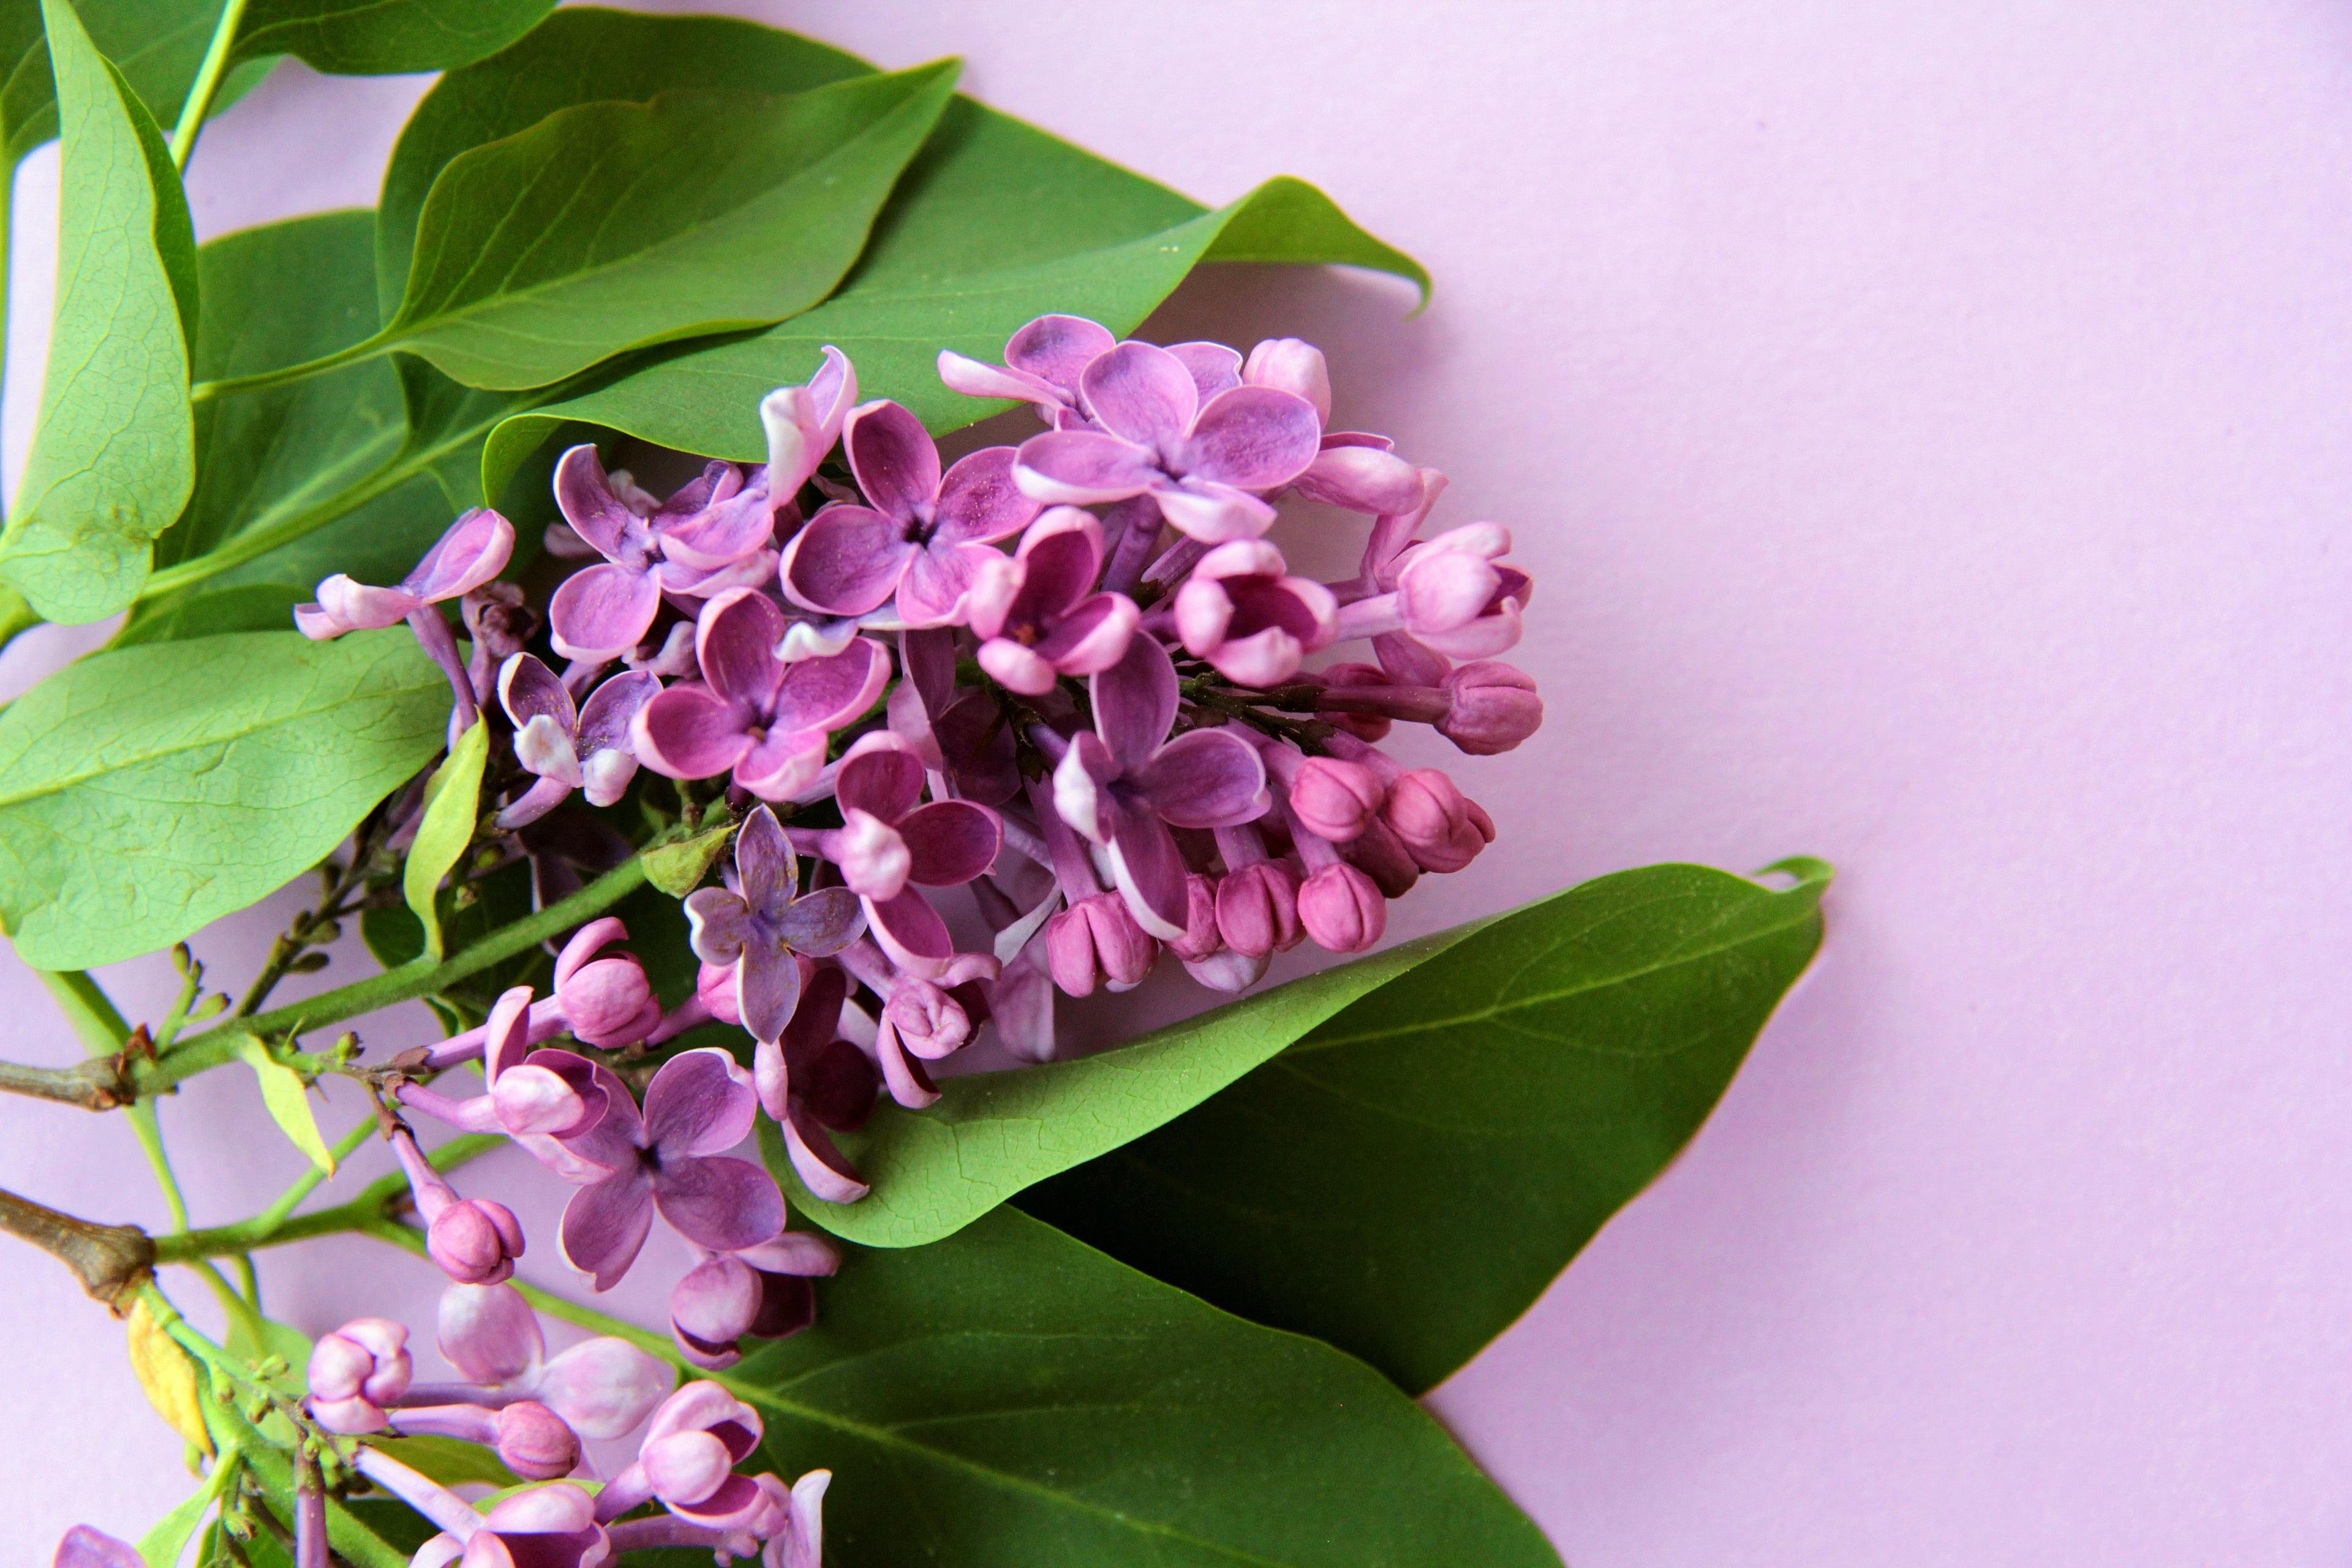 Bakgrundsbilder lila färg syringa Blommor Färgad bakgrund Violett blomma bondsyren Syrensläktet